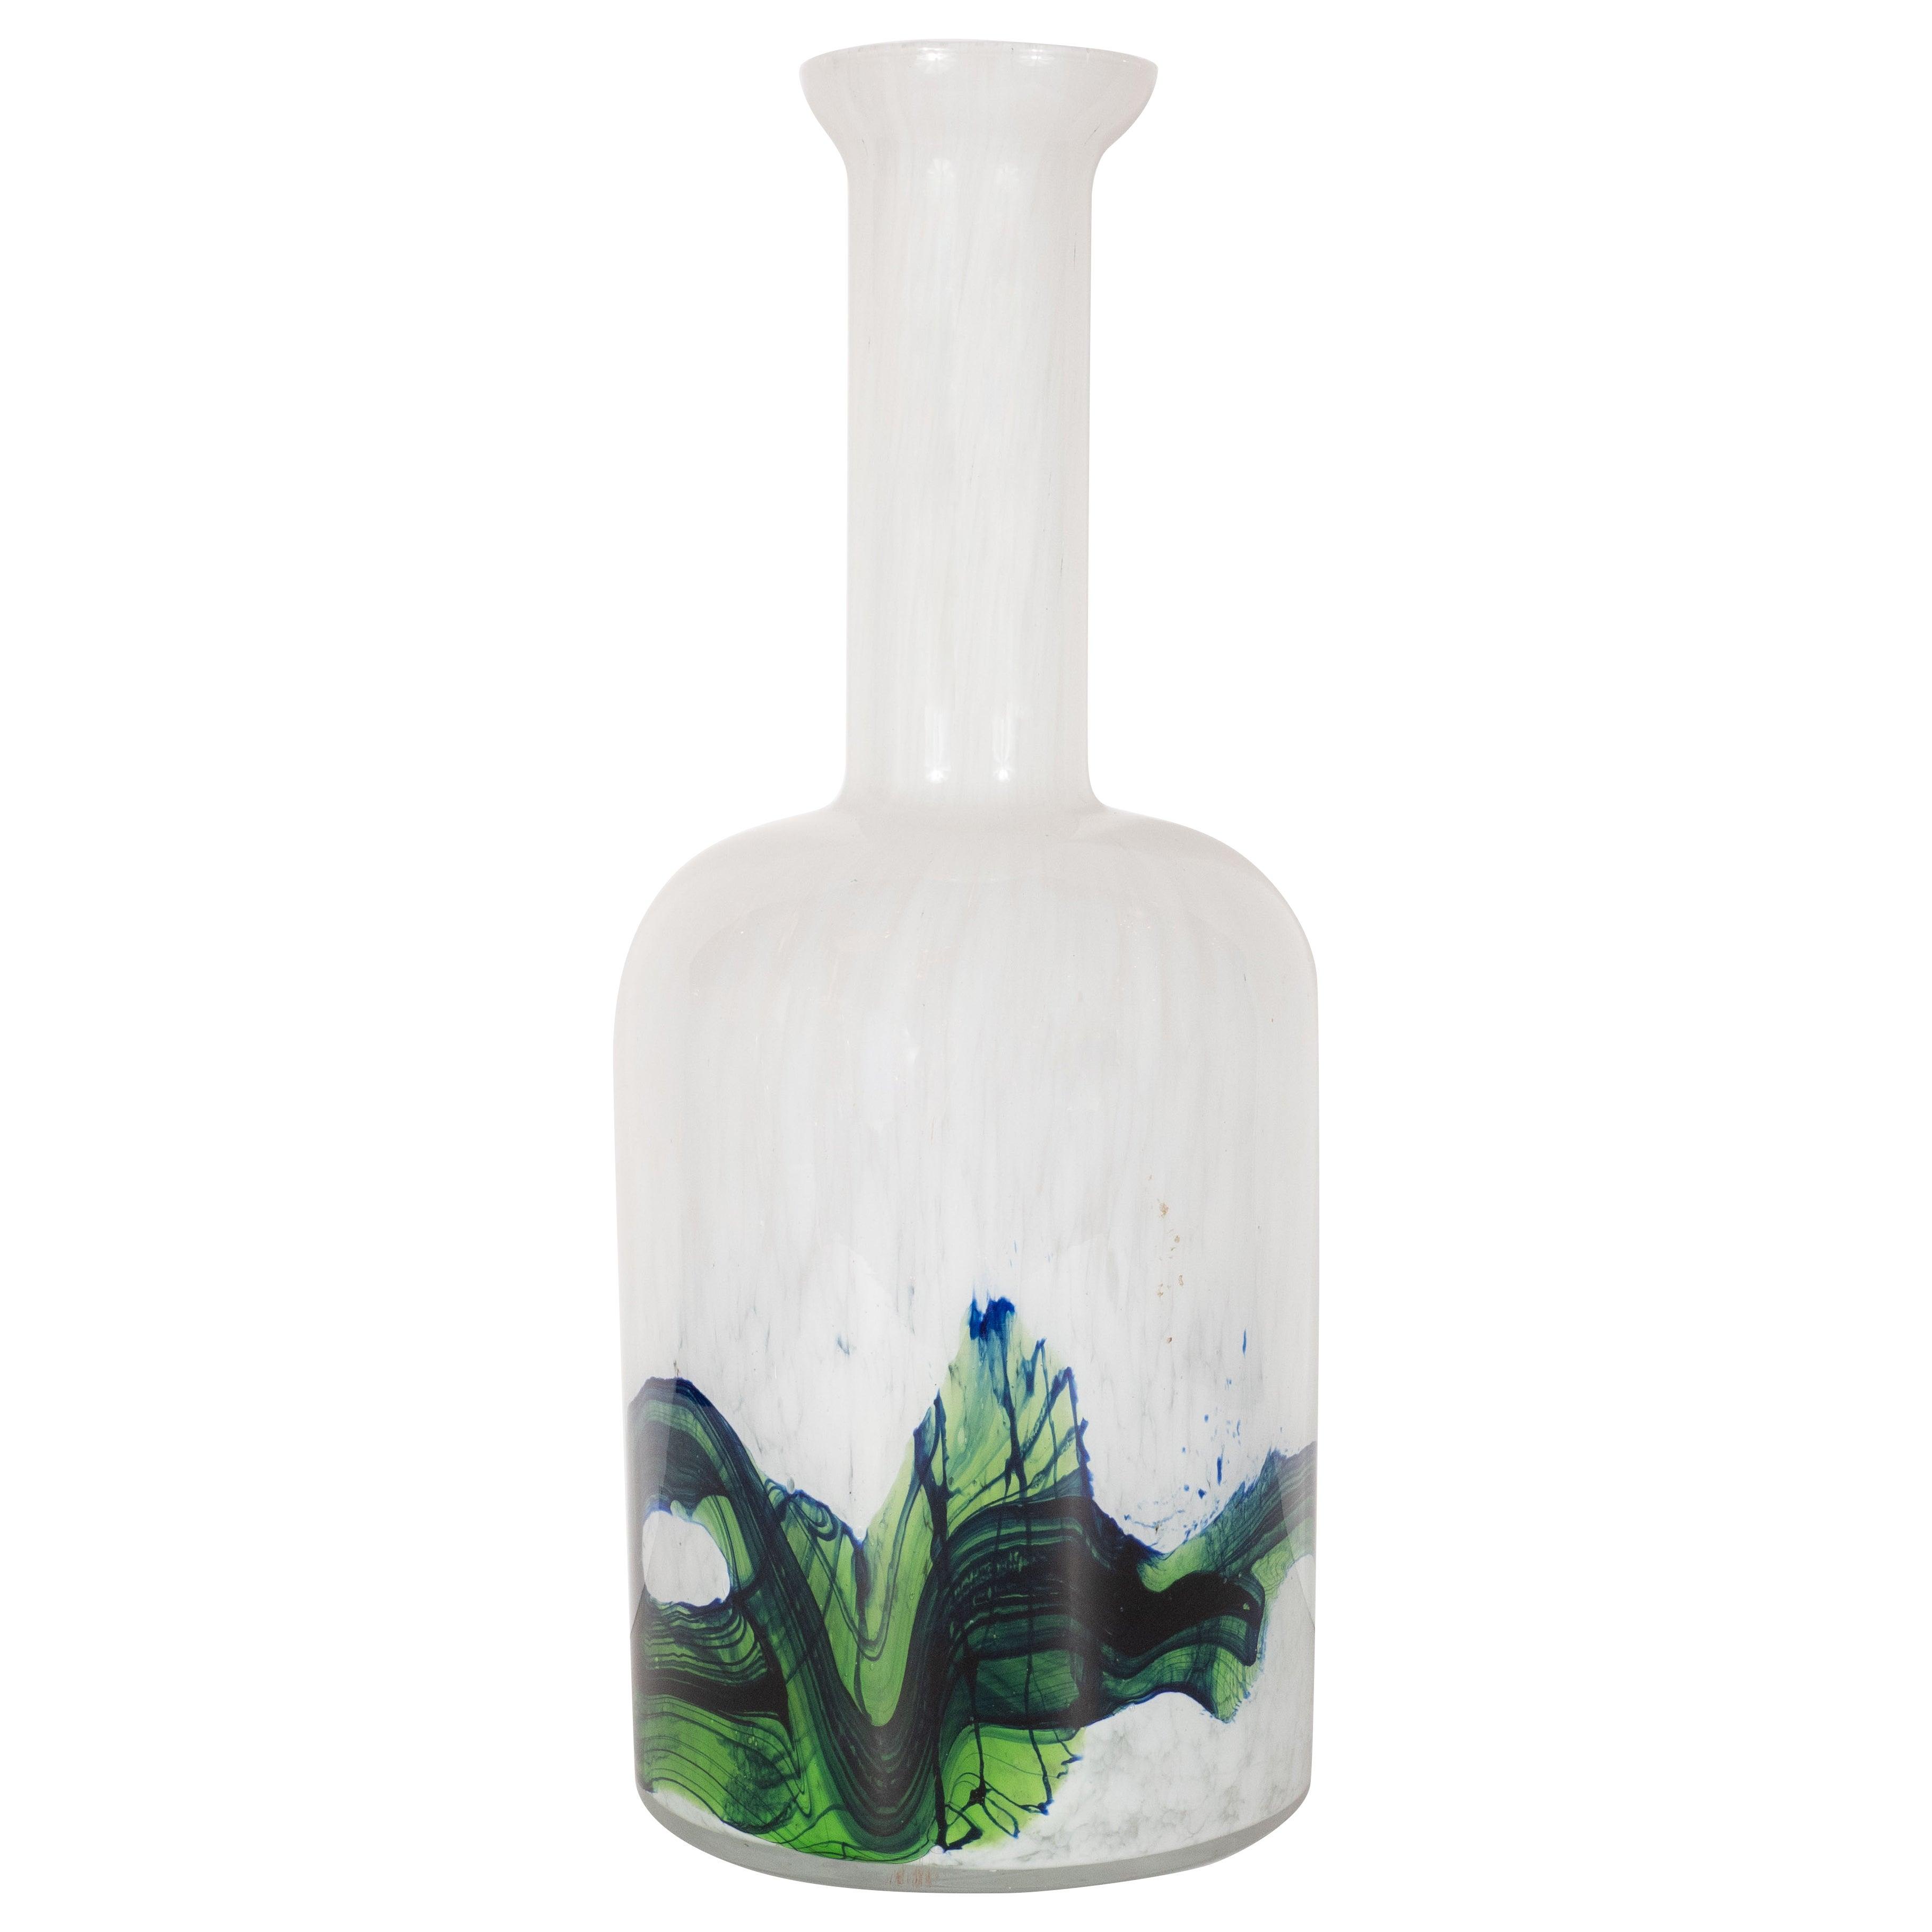 Danish Mid-Century Modern Handblown Glass Vase by Otto Brauer for Holmegaard